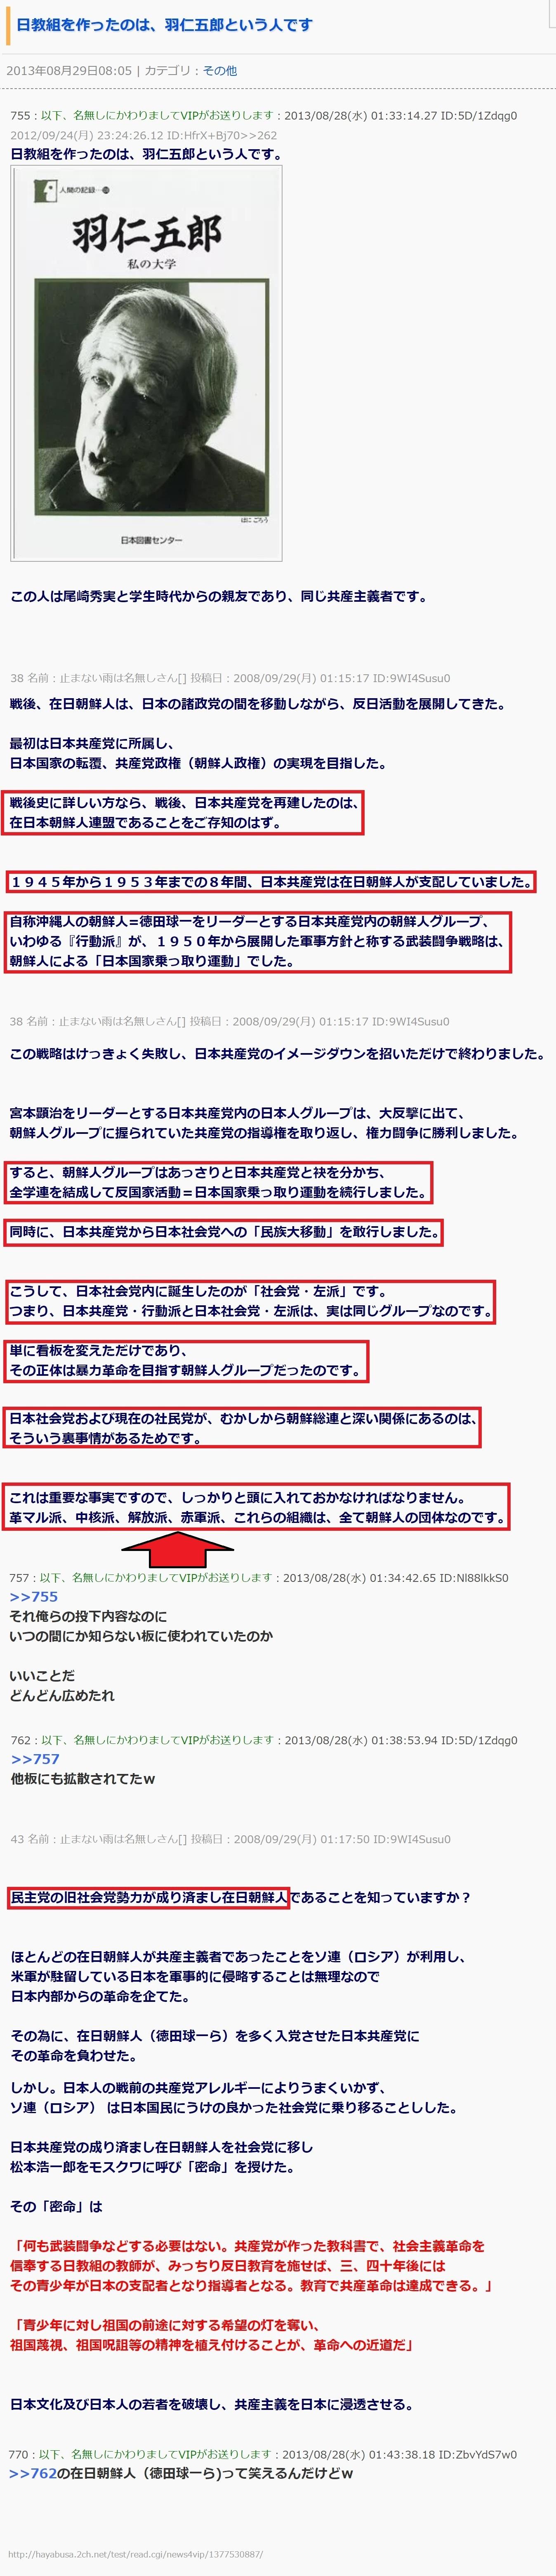 共産党も社会党も中核派も革マル派も作ったのは、朝鮮人